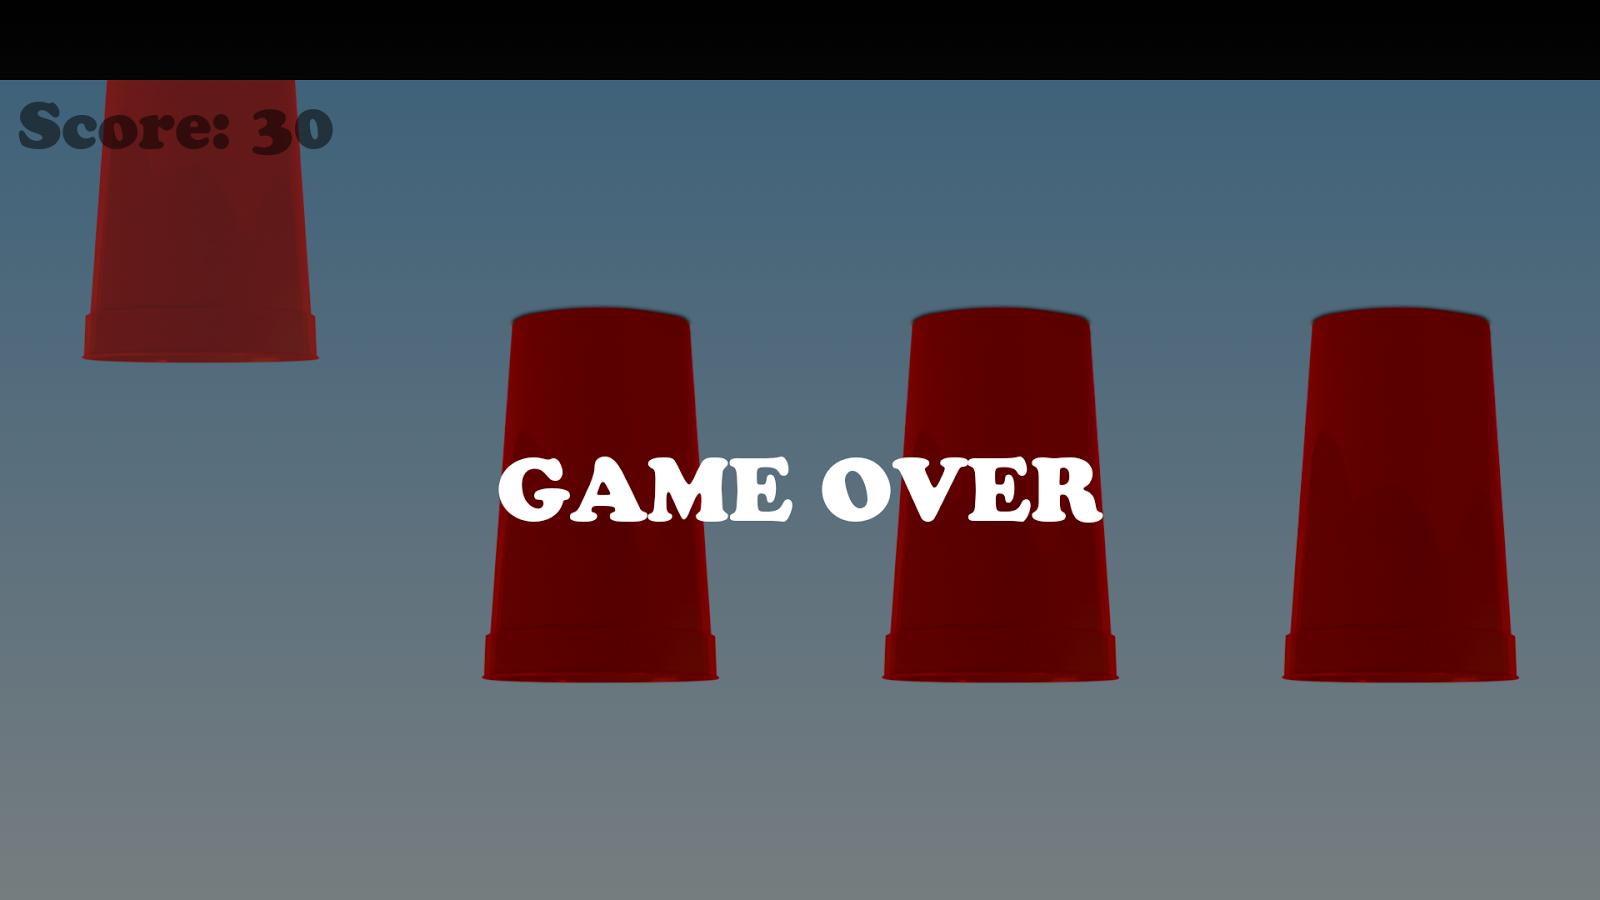 Shell casino game